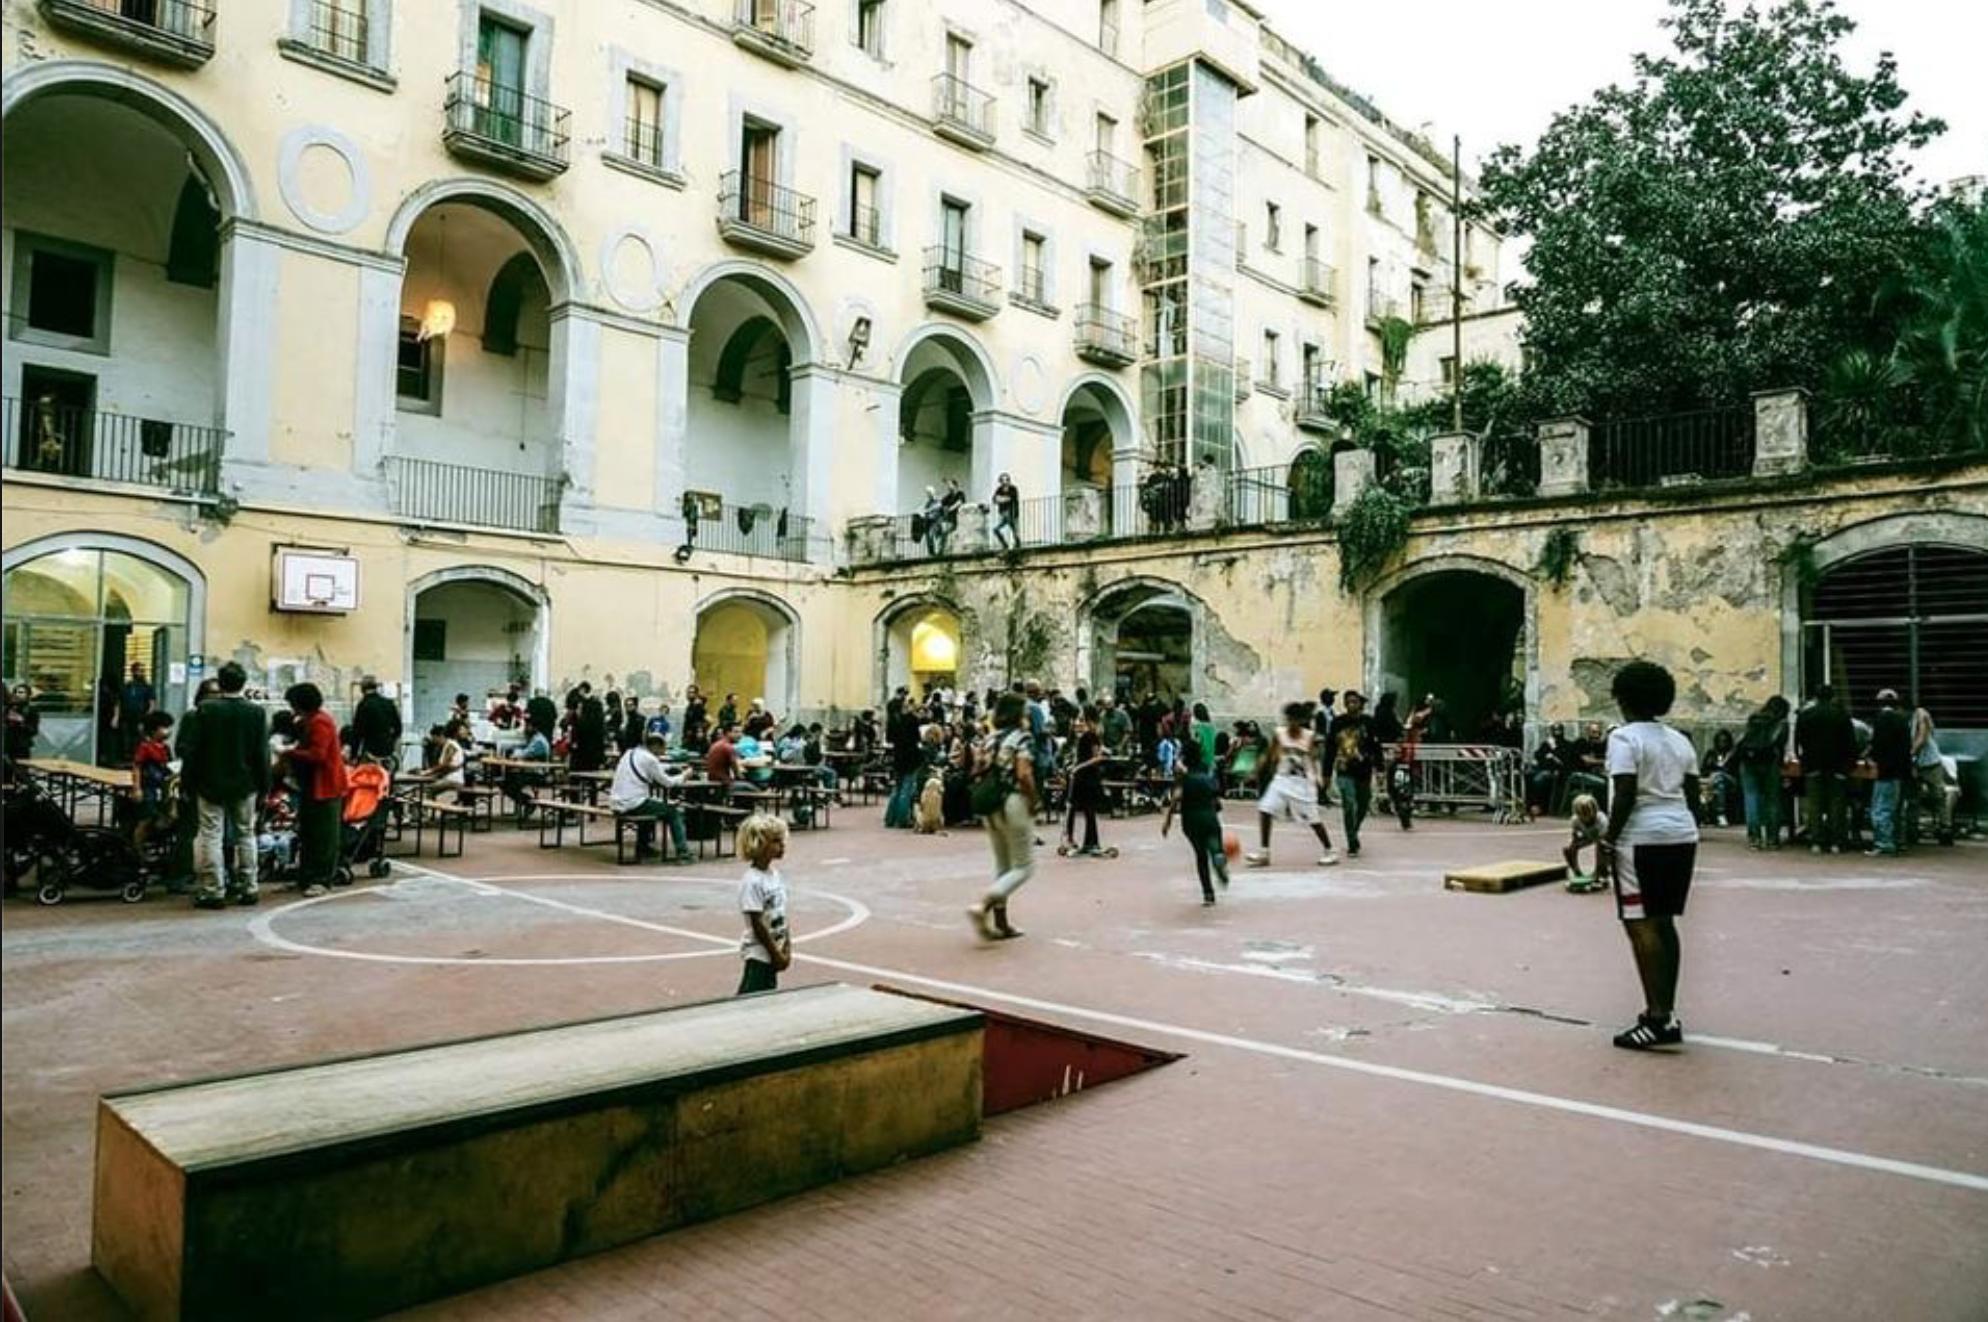 Scugnizzo Liberato, Naples